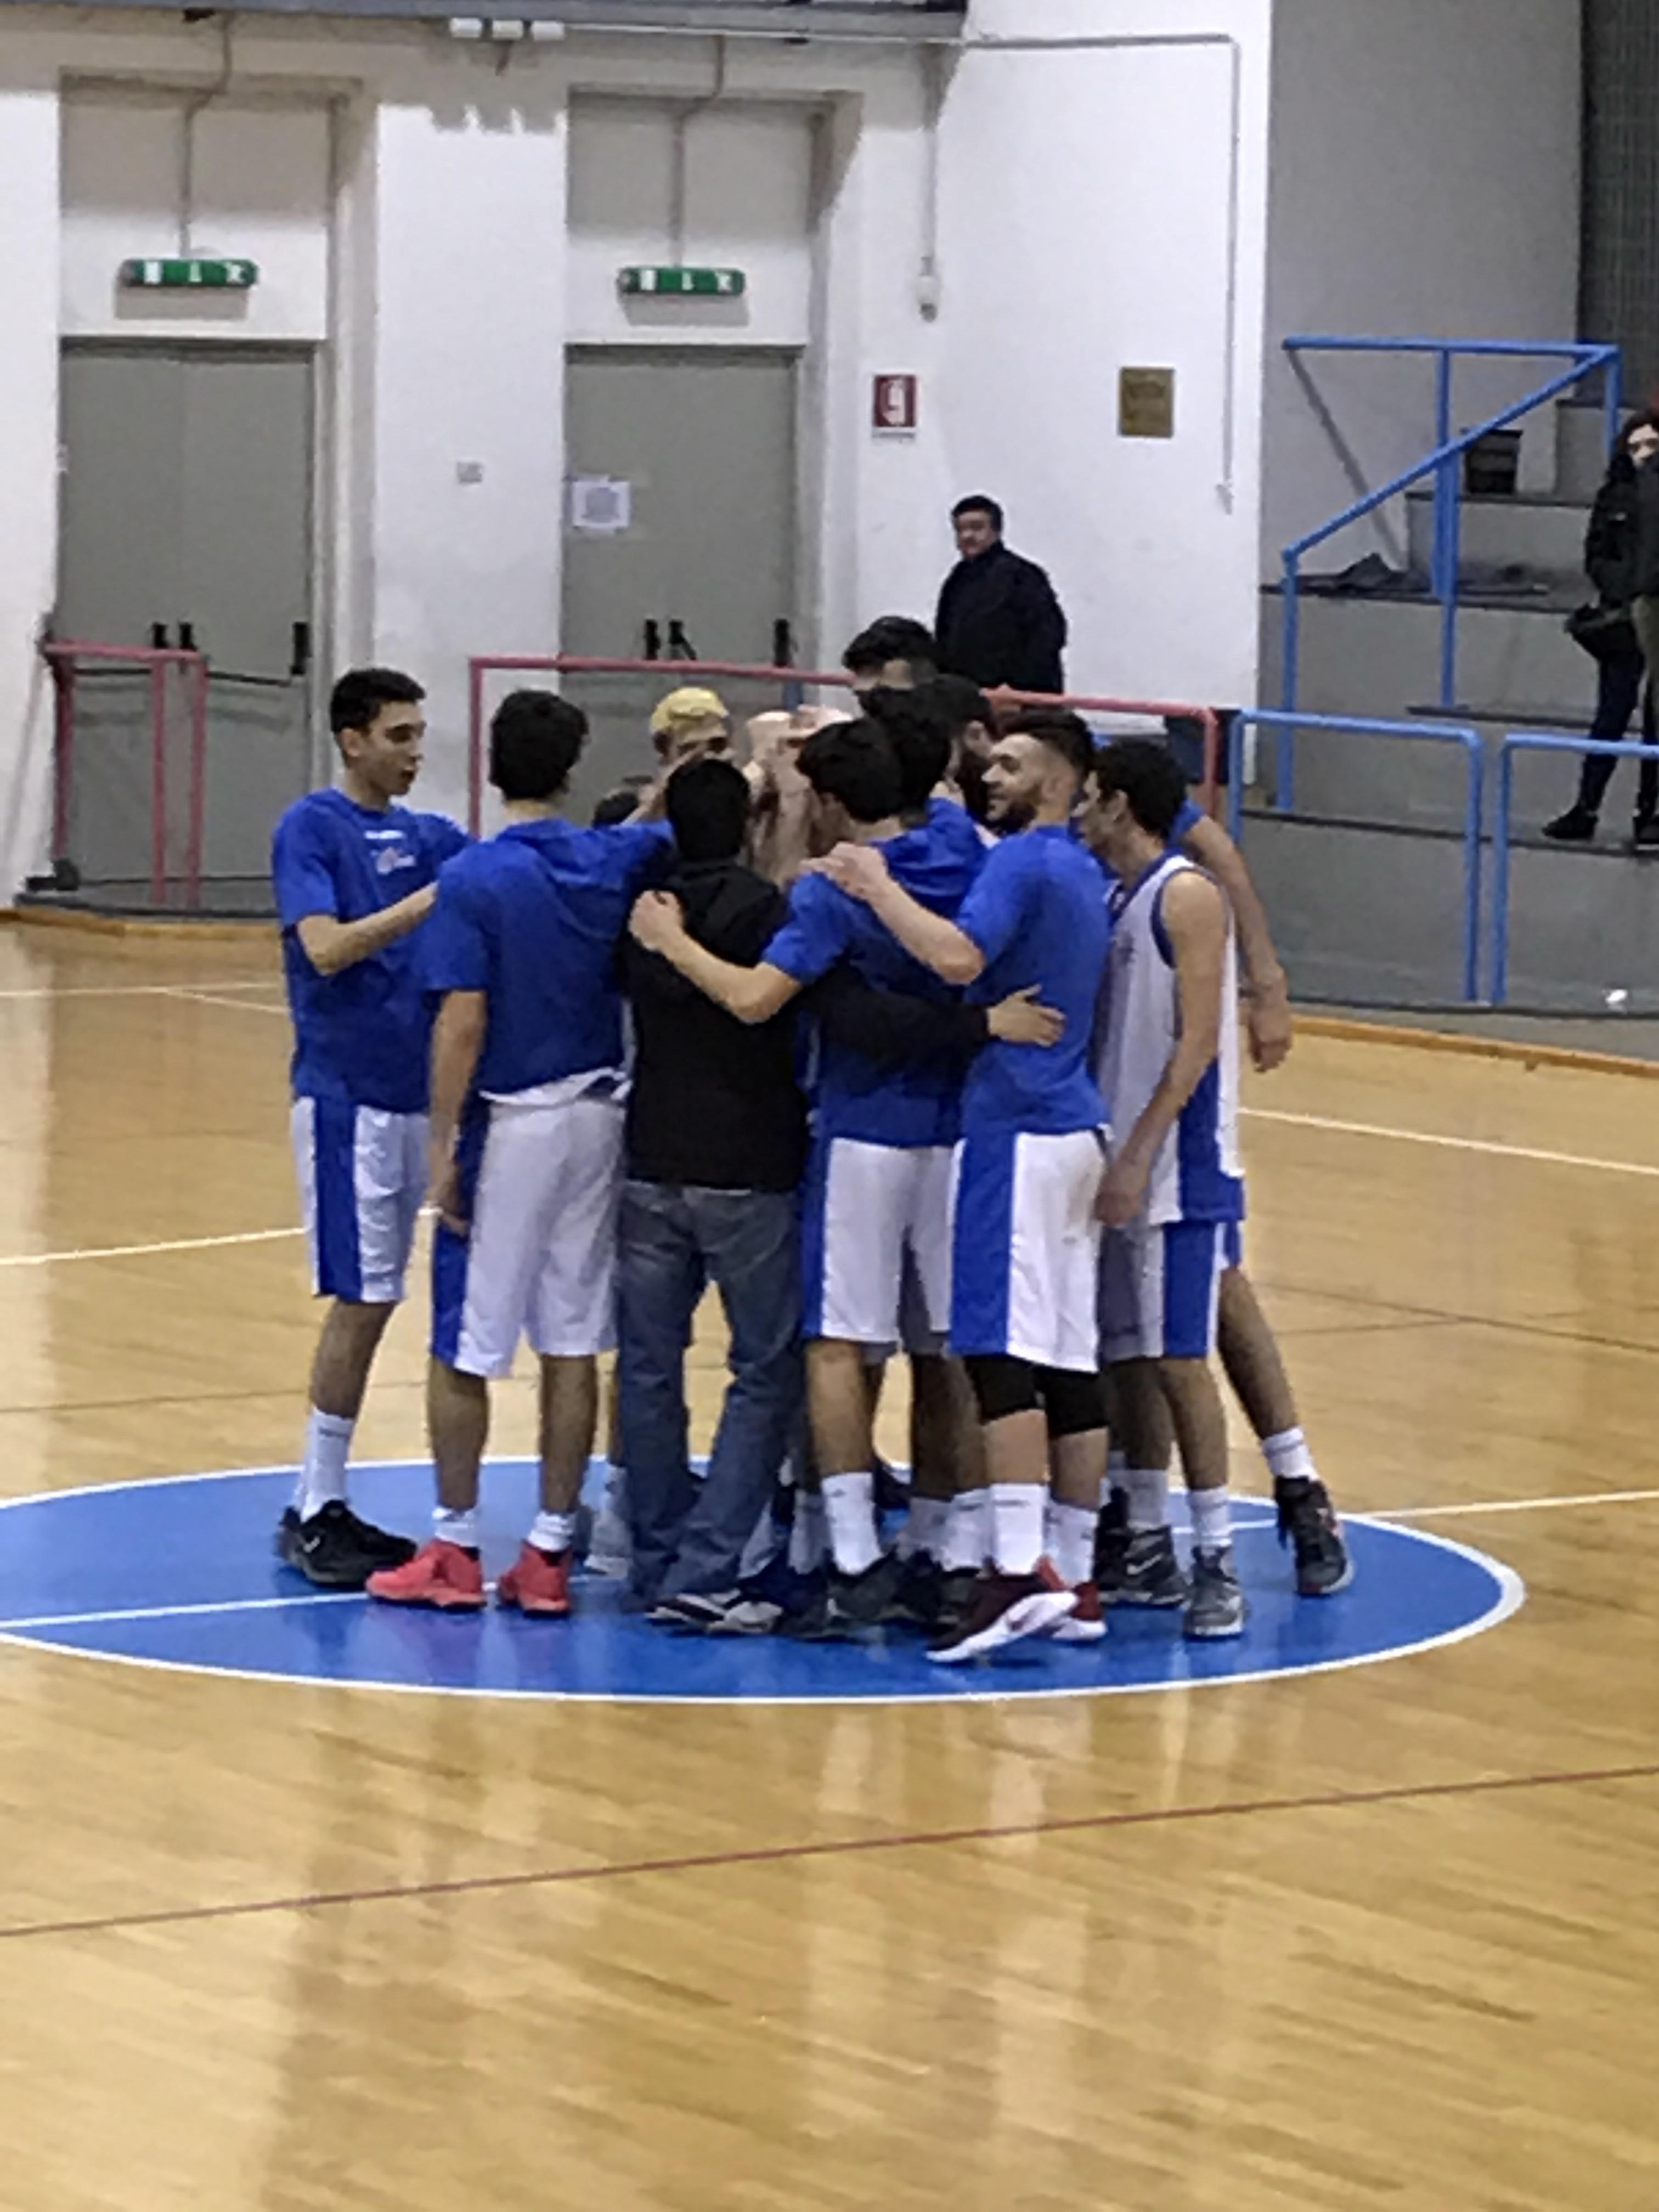 Serie C: La Megaride vince con autorità